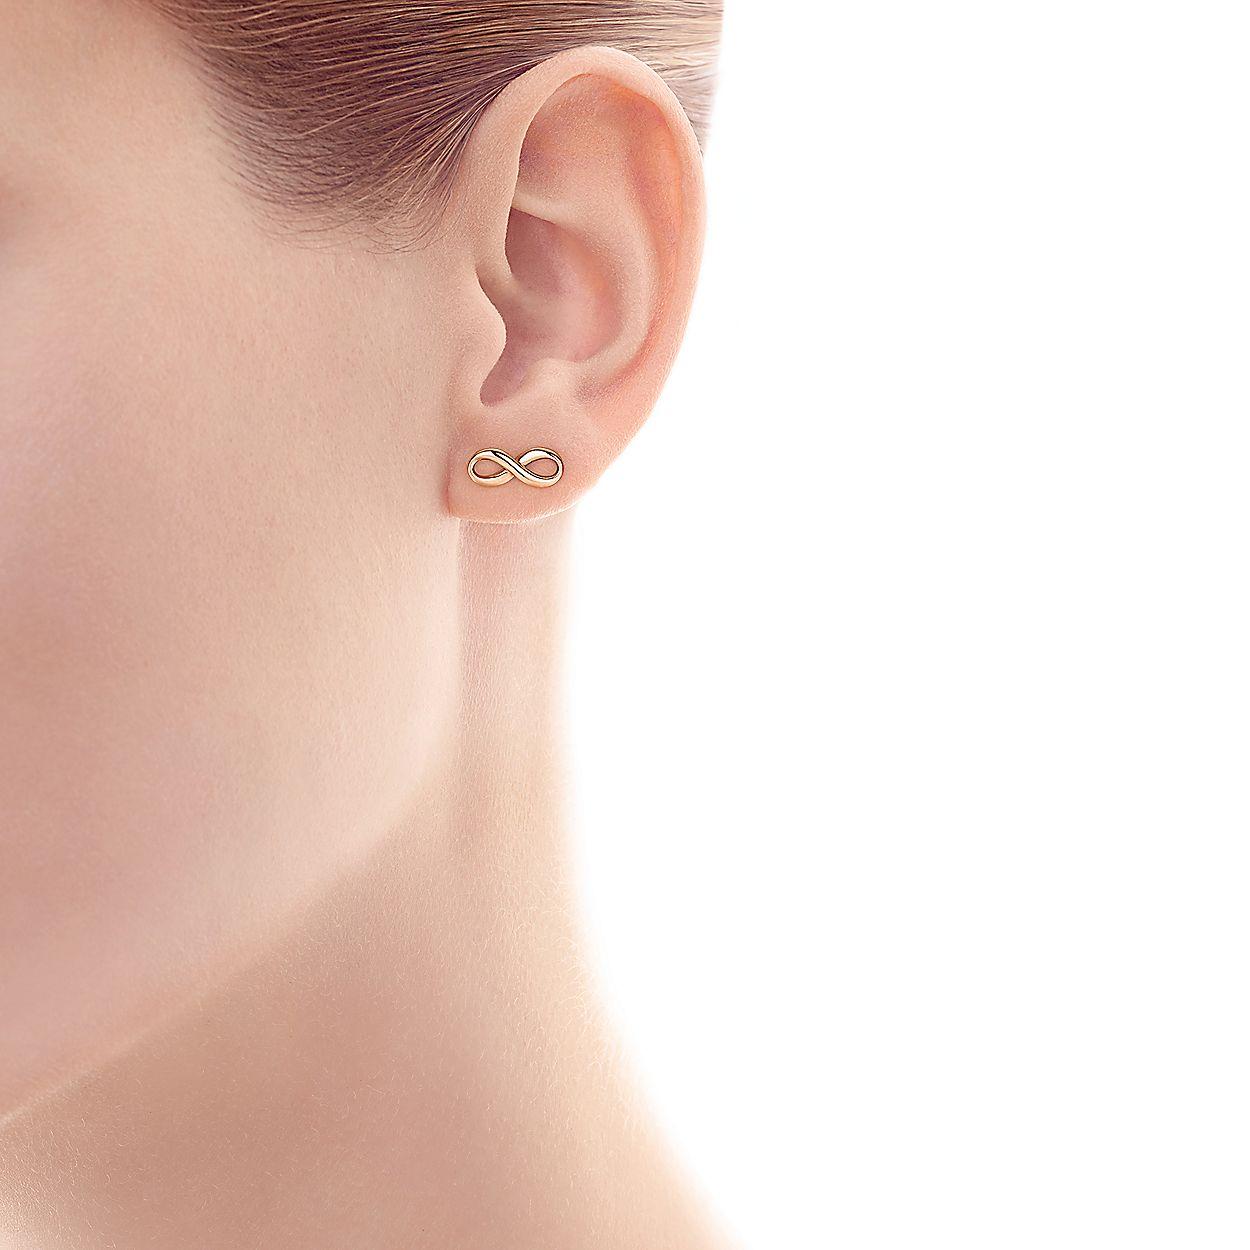 7cc4ec51b Tiffany Infinity earrings in 18k rose gold. | Tiffany & Co.